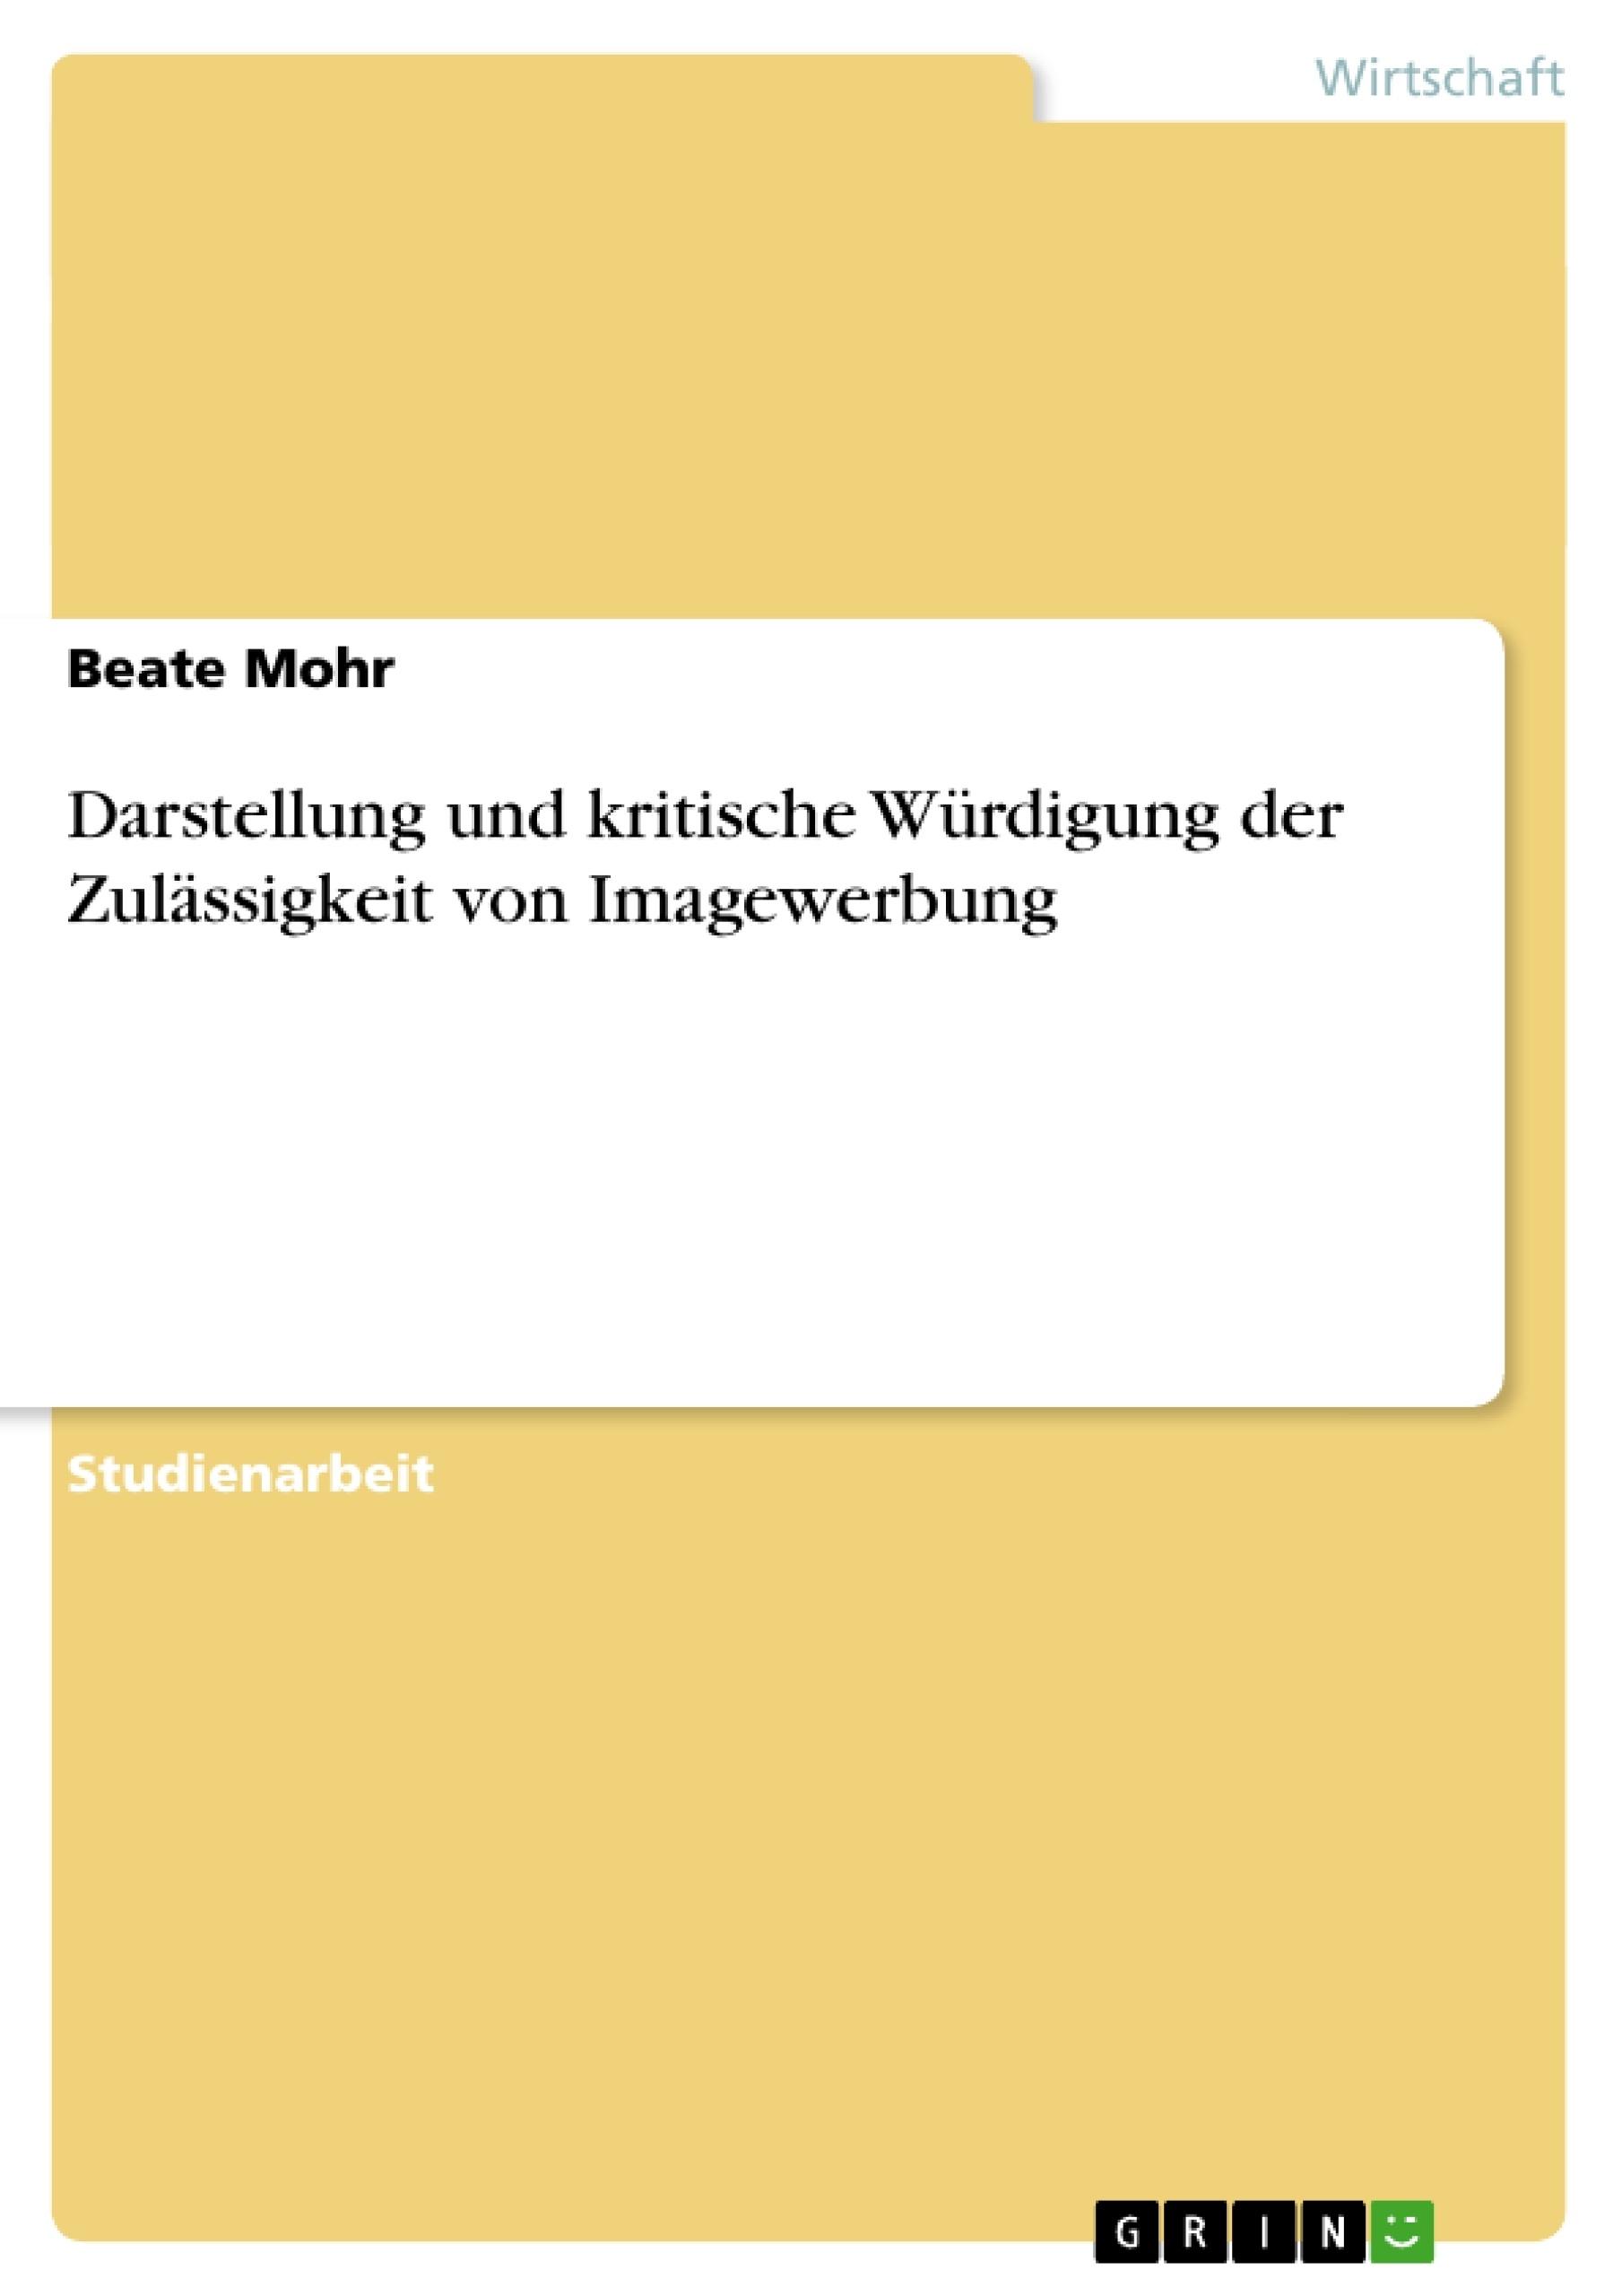 Titel: Darstellung und kritische Würdigung der Zulässigkeit von Imagewerbung